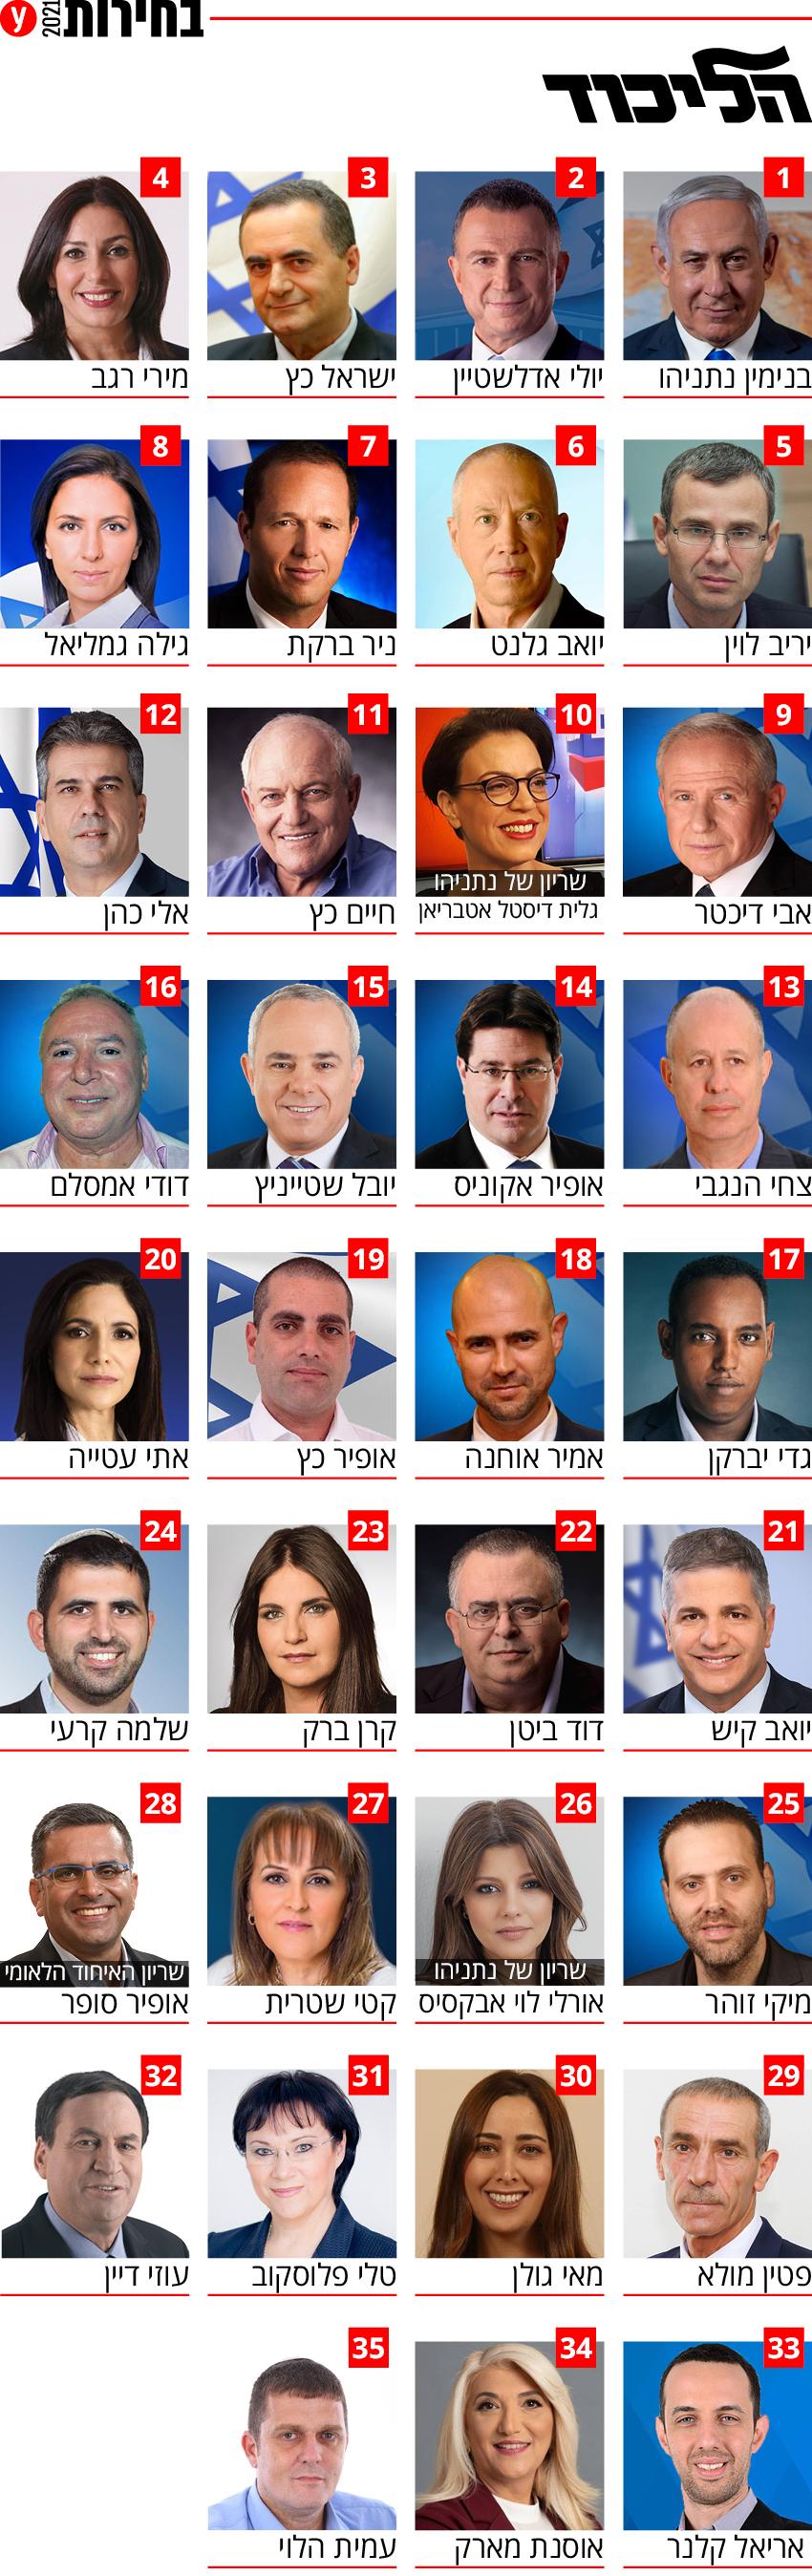 Предвыборный список кандидатов в депутаты парламента от партии Ликуд